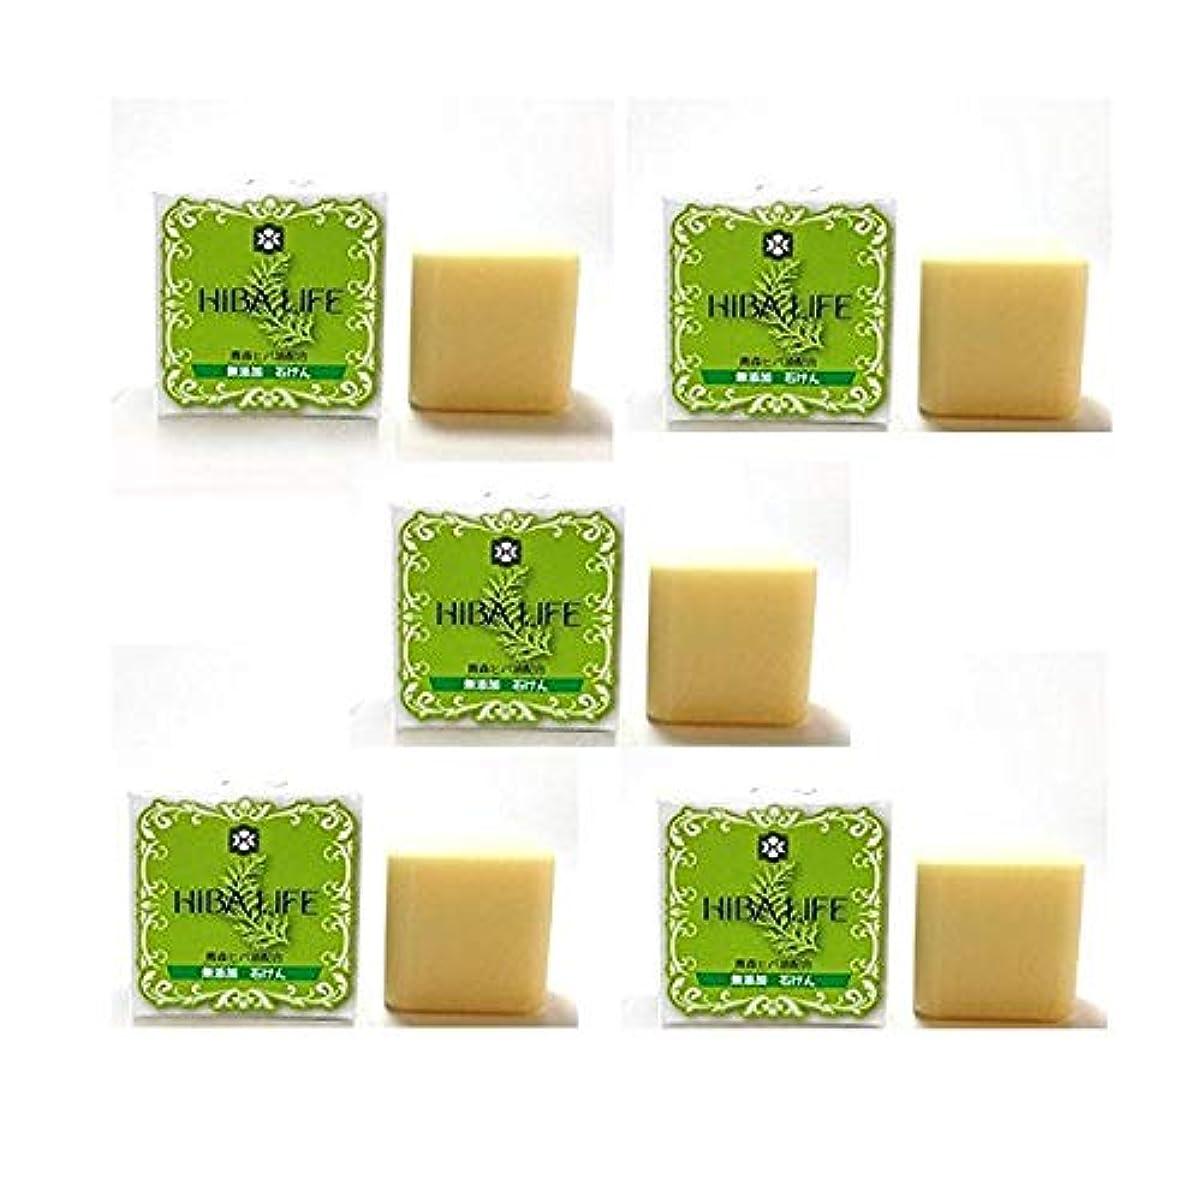 彼らコショウフラップヒバ石鹸 ひばの森化粧石鹸5個セット(100g×5個) 青森ヒバ精油配合の無添加ひば石鹸